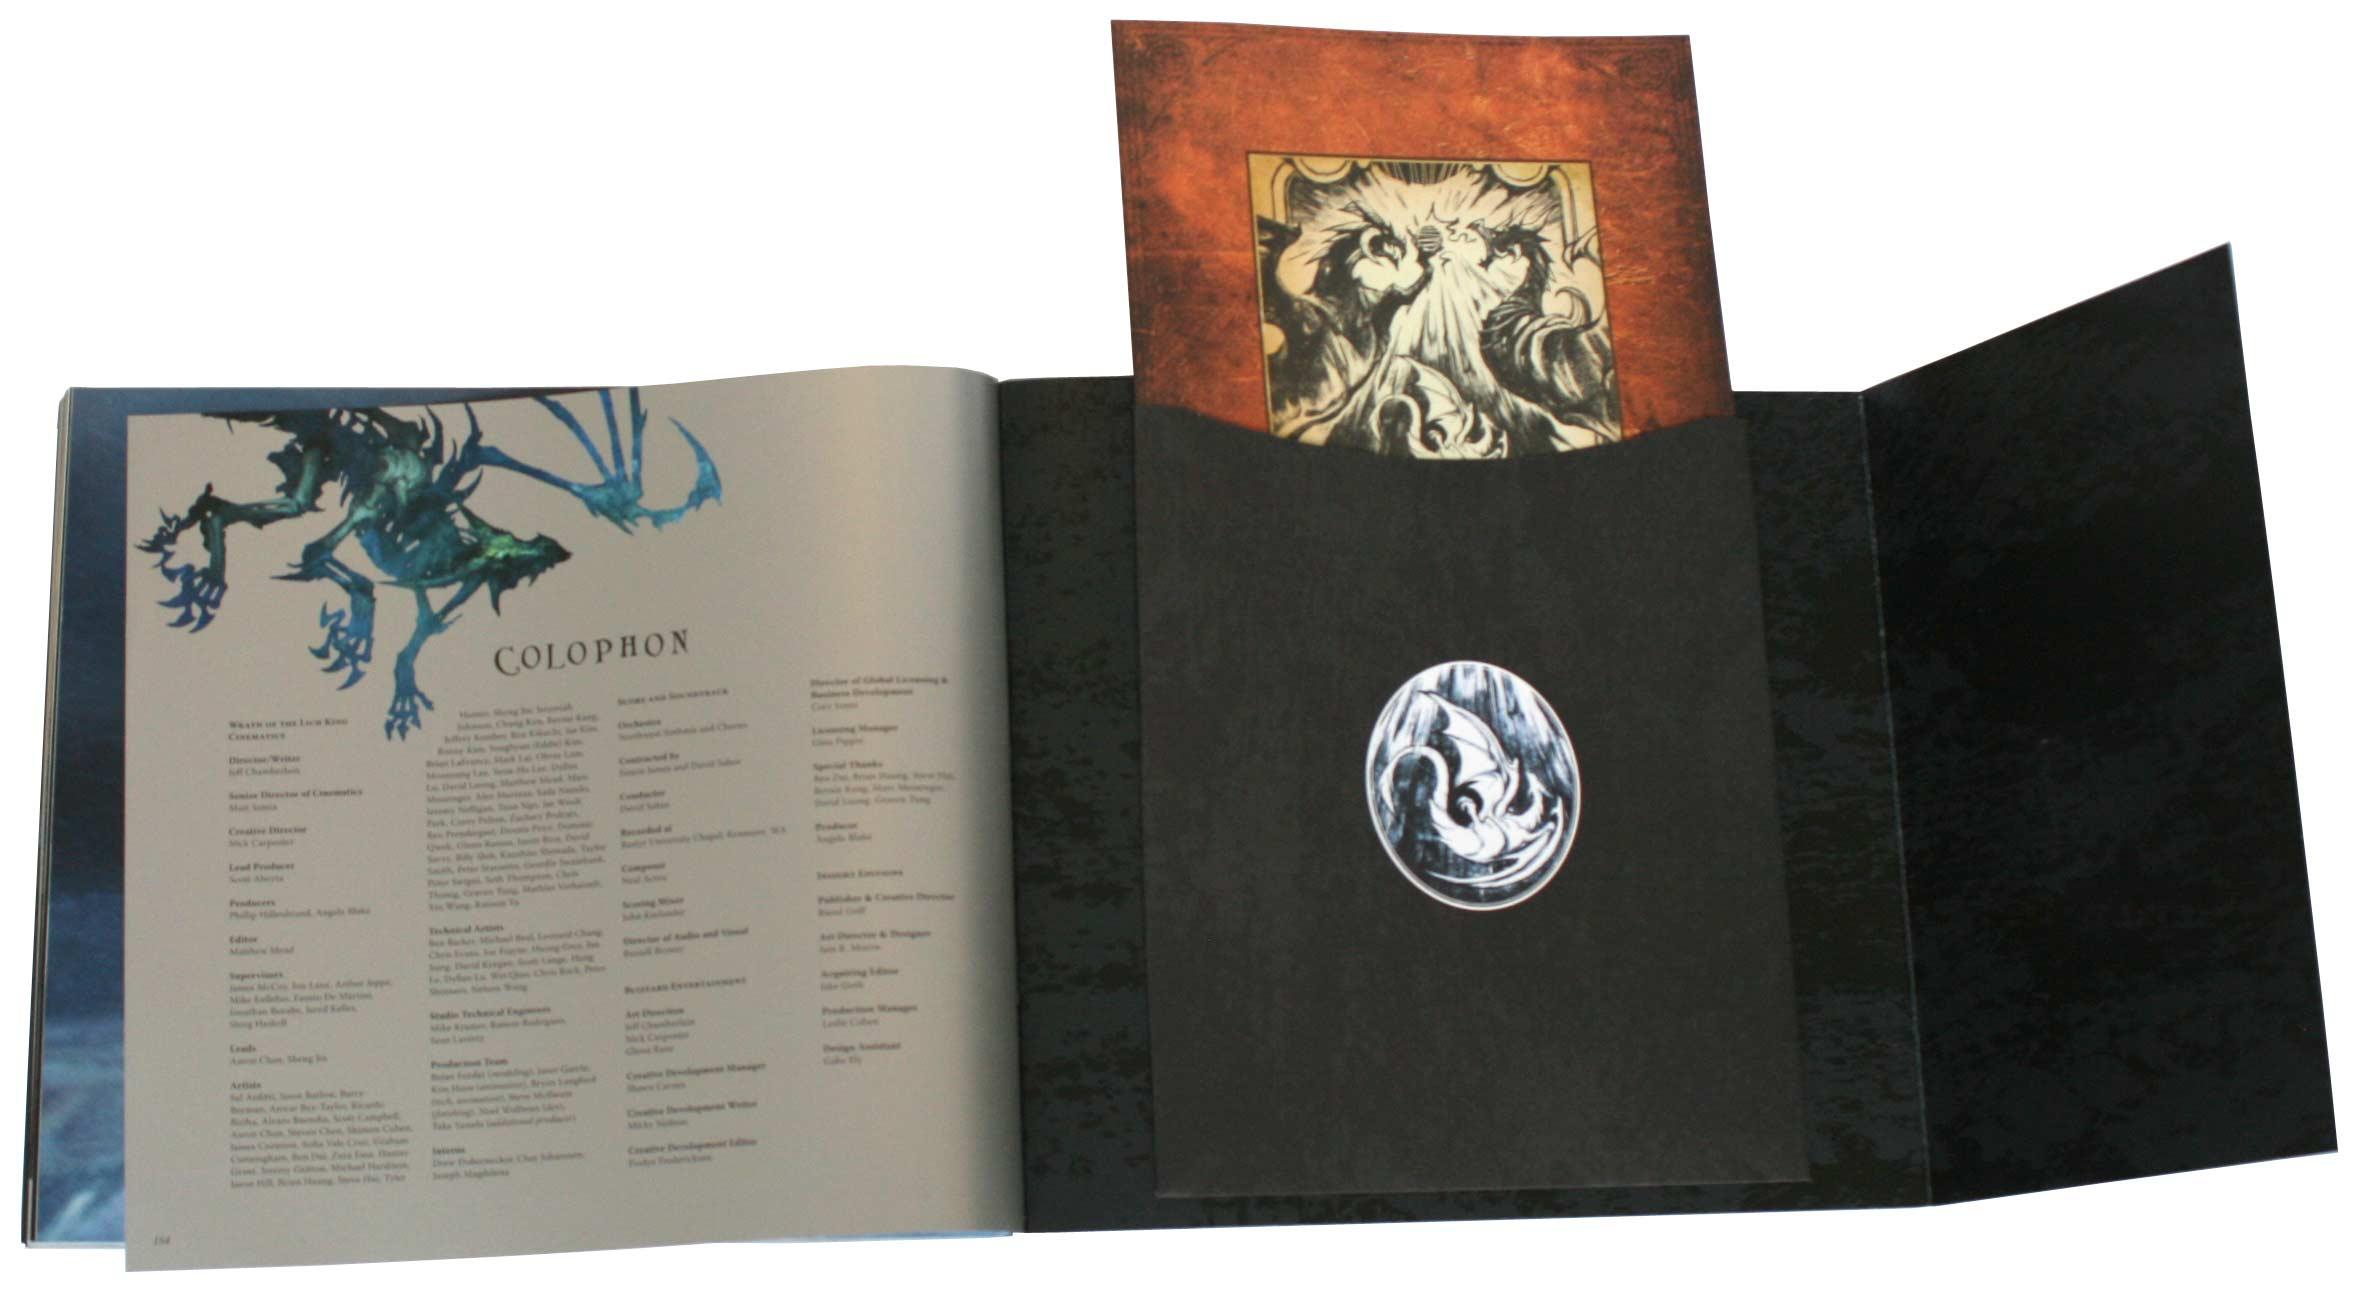 Un carnet de croquis sur Sindragosa est rangé à la fin du livre